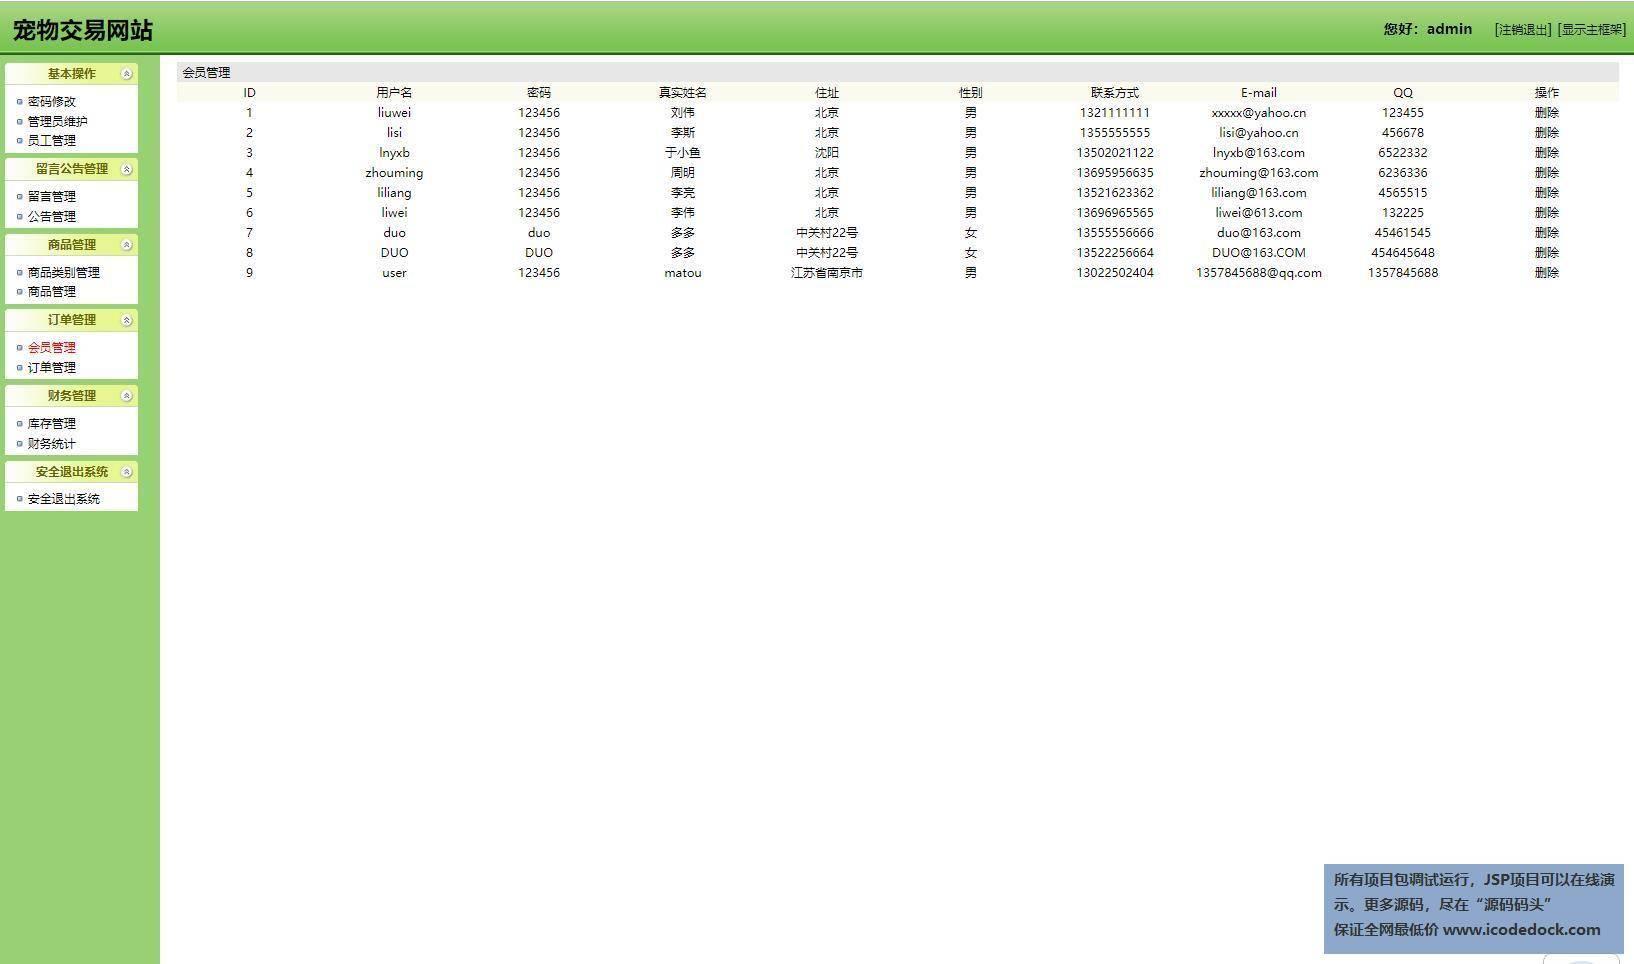 源码码头-SSH宠物交易管理系统-管理员角色-会员管理